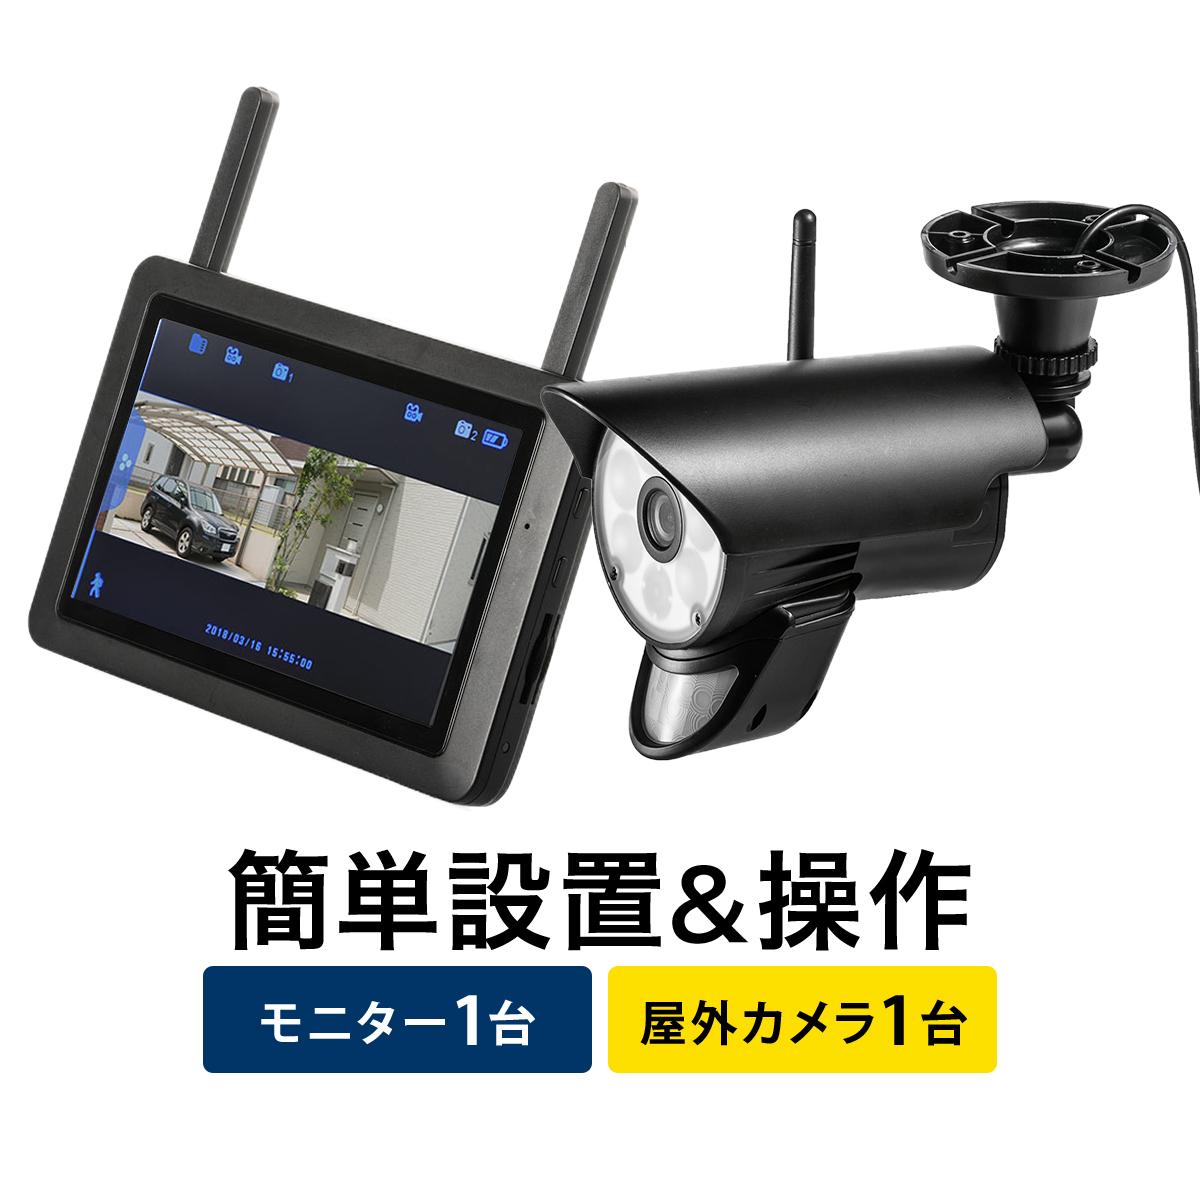 防犯カメラ&ワイヤレスモニターセット フルHD対応 センサーライト 防水屋外対応カメラ ワイヤレスカメラ1台セット SDカード 録画対応 監視カメラ LED 夜間 暗闇 暗視 動体検知 人体感知 家庭用 簡単設置